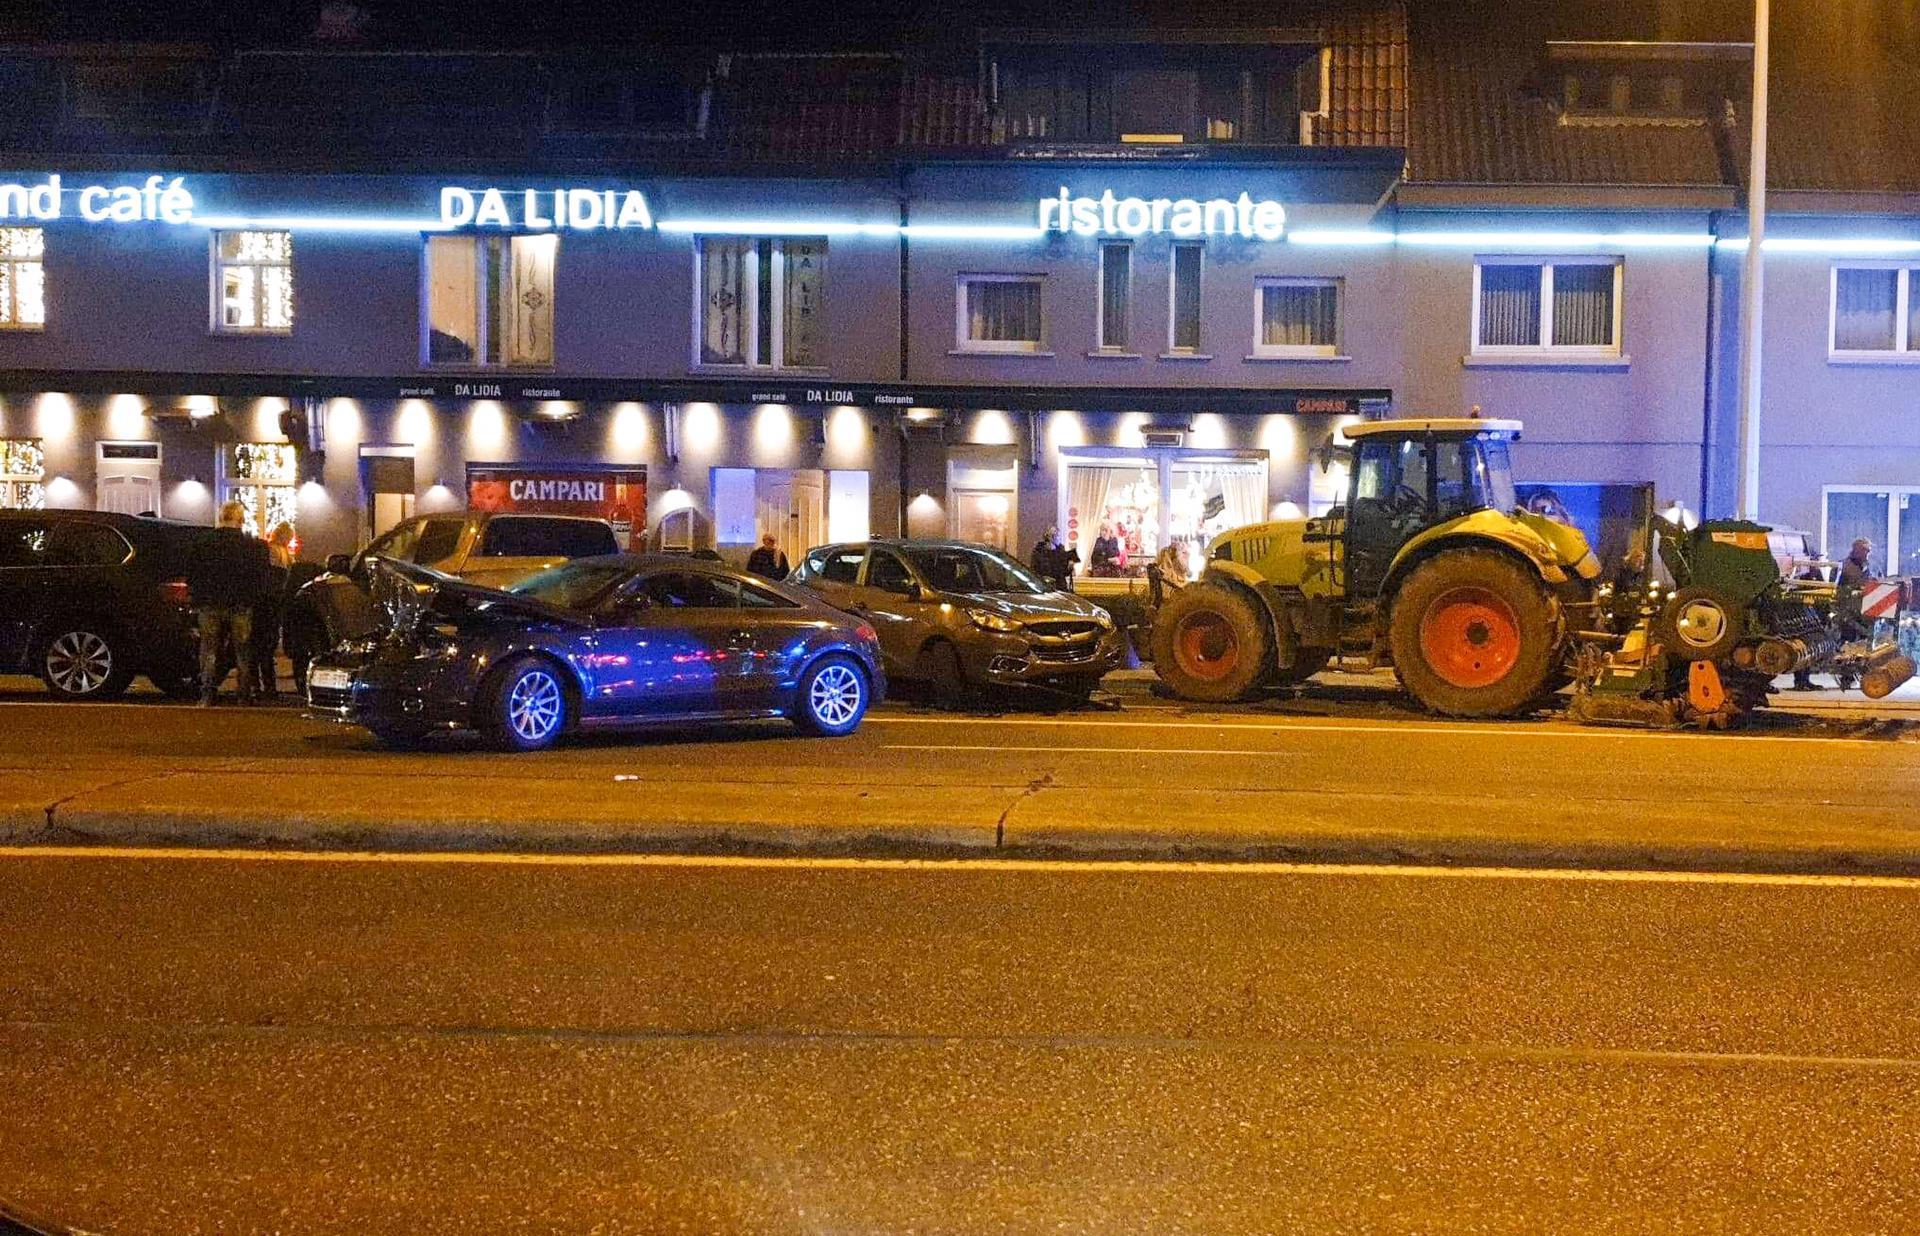 Tractor ramt geparkeerde auto's, waaronder een dure Maserati, voor restaurant in Maasmechelen